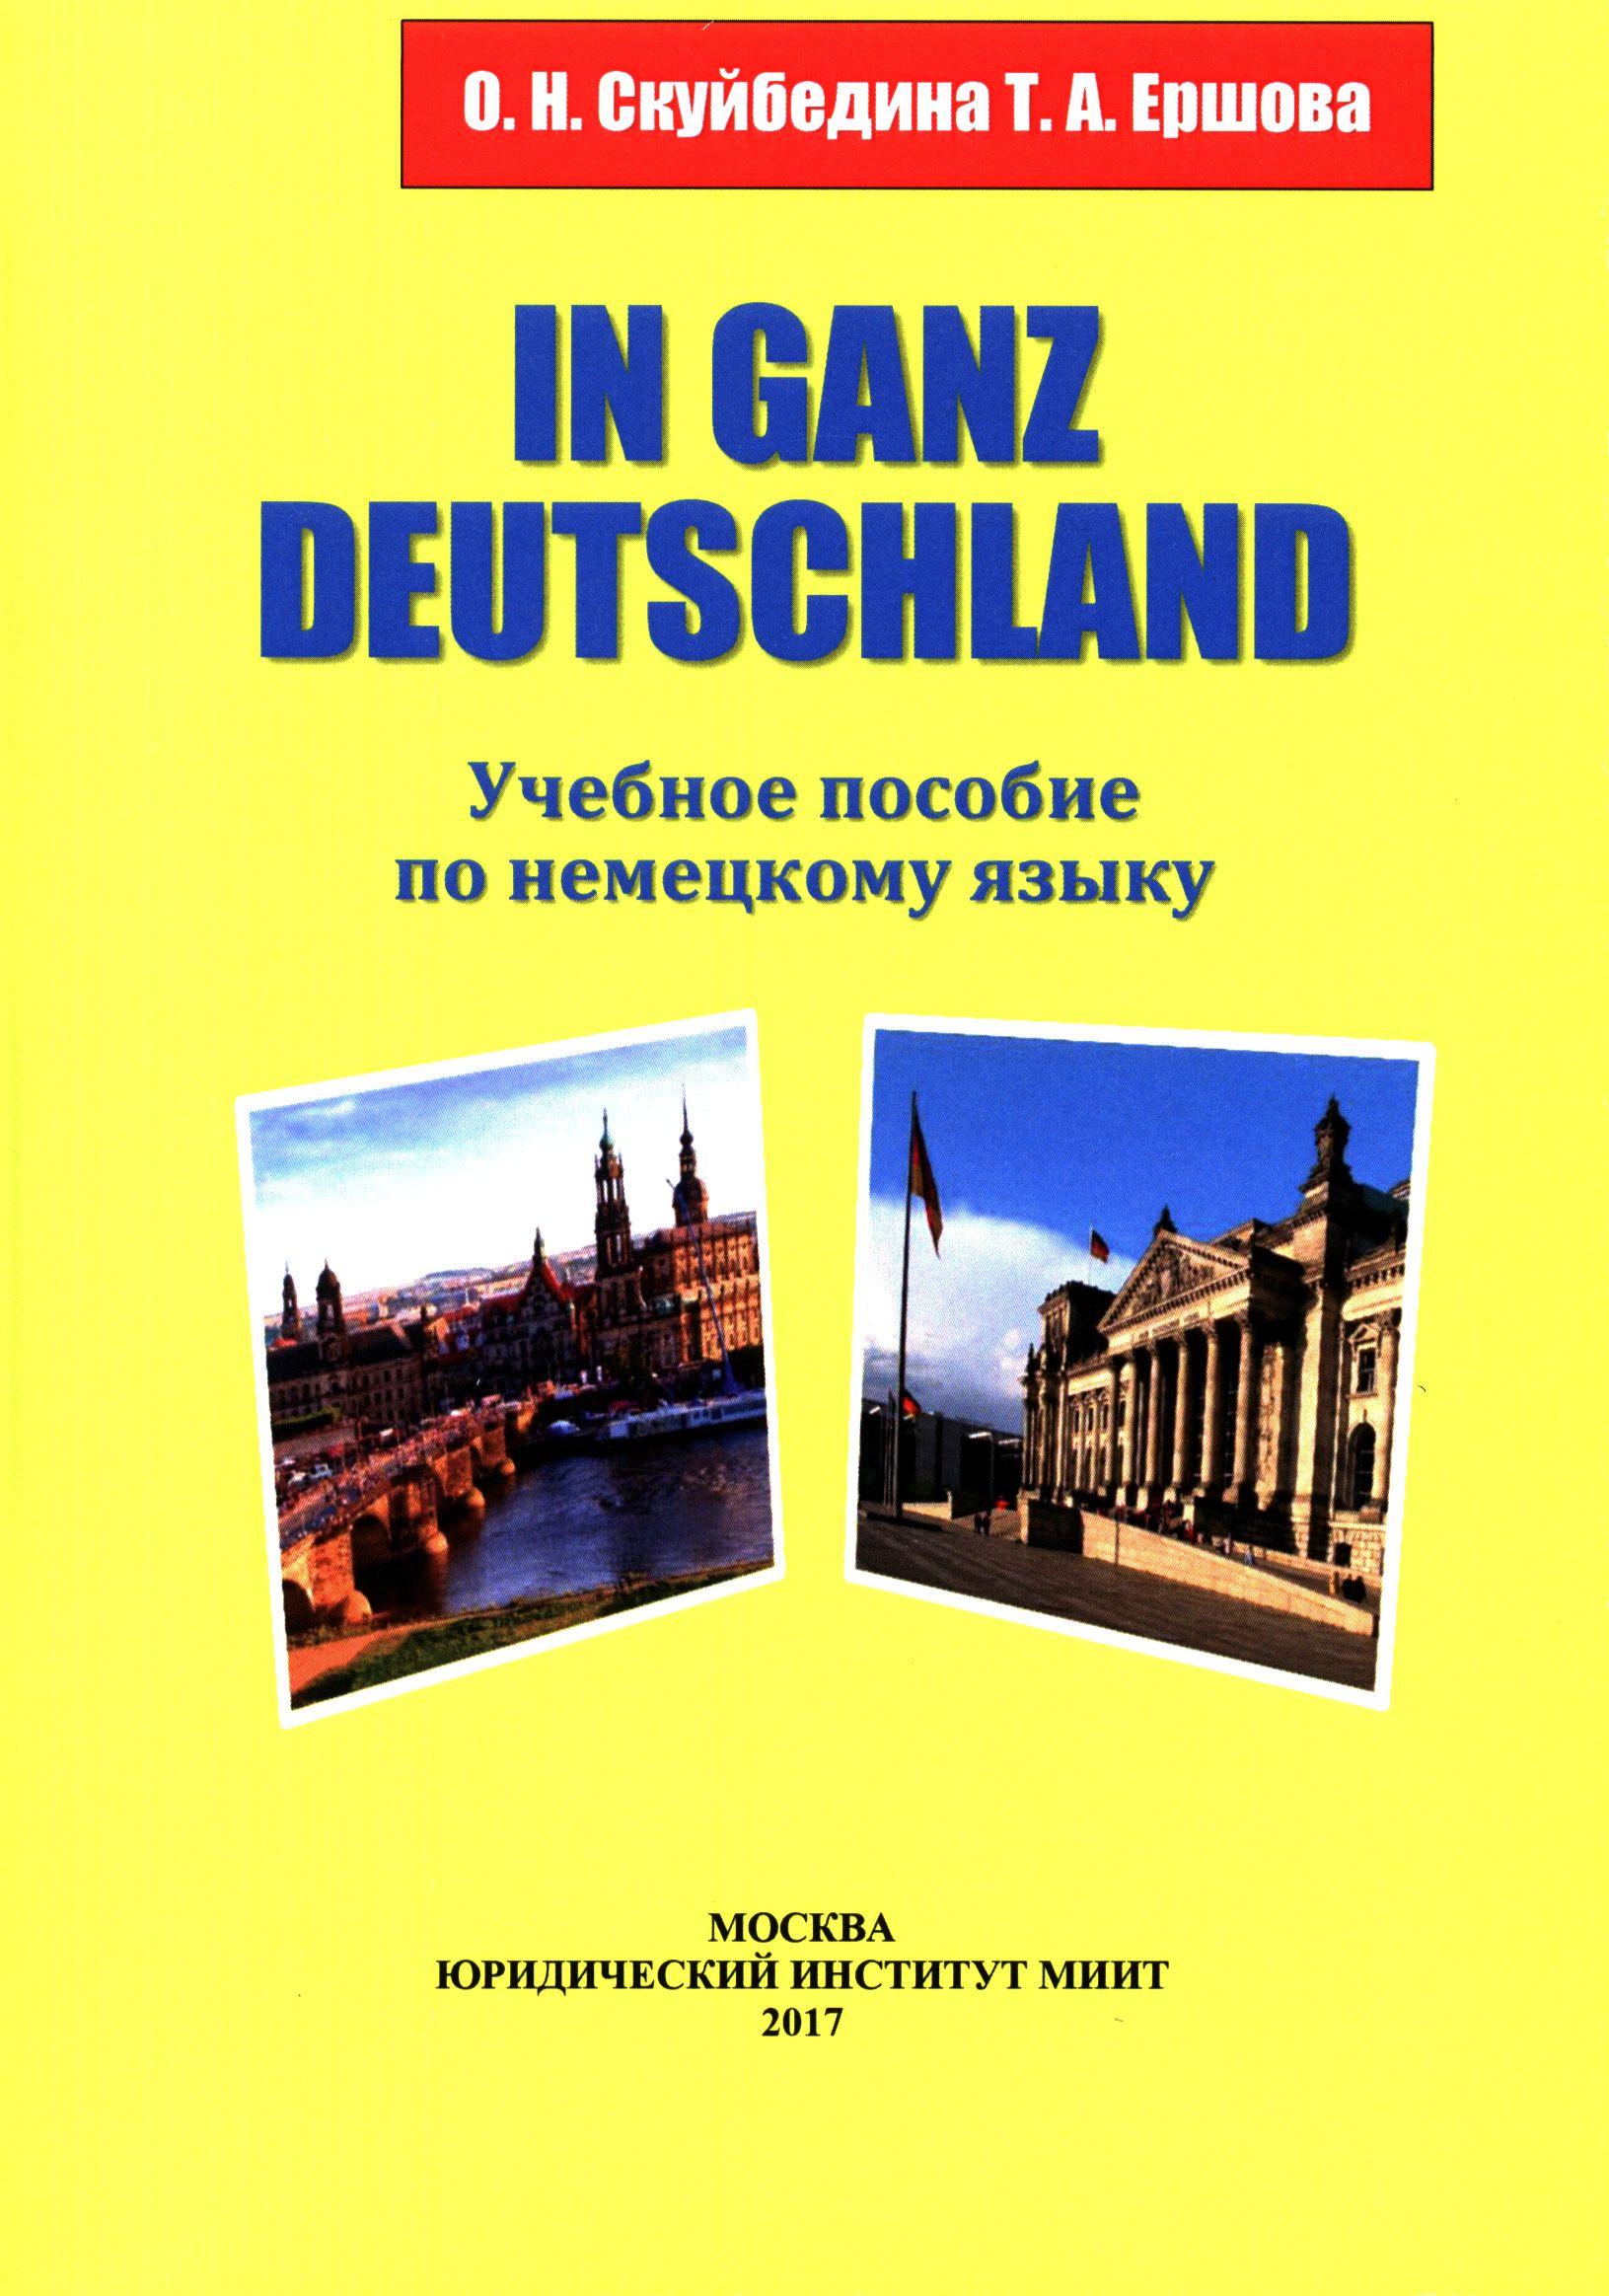 In Ganz Deutscland